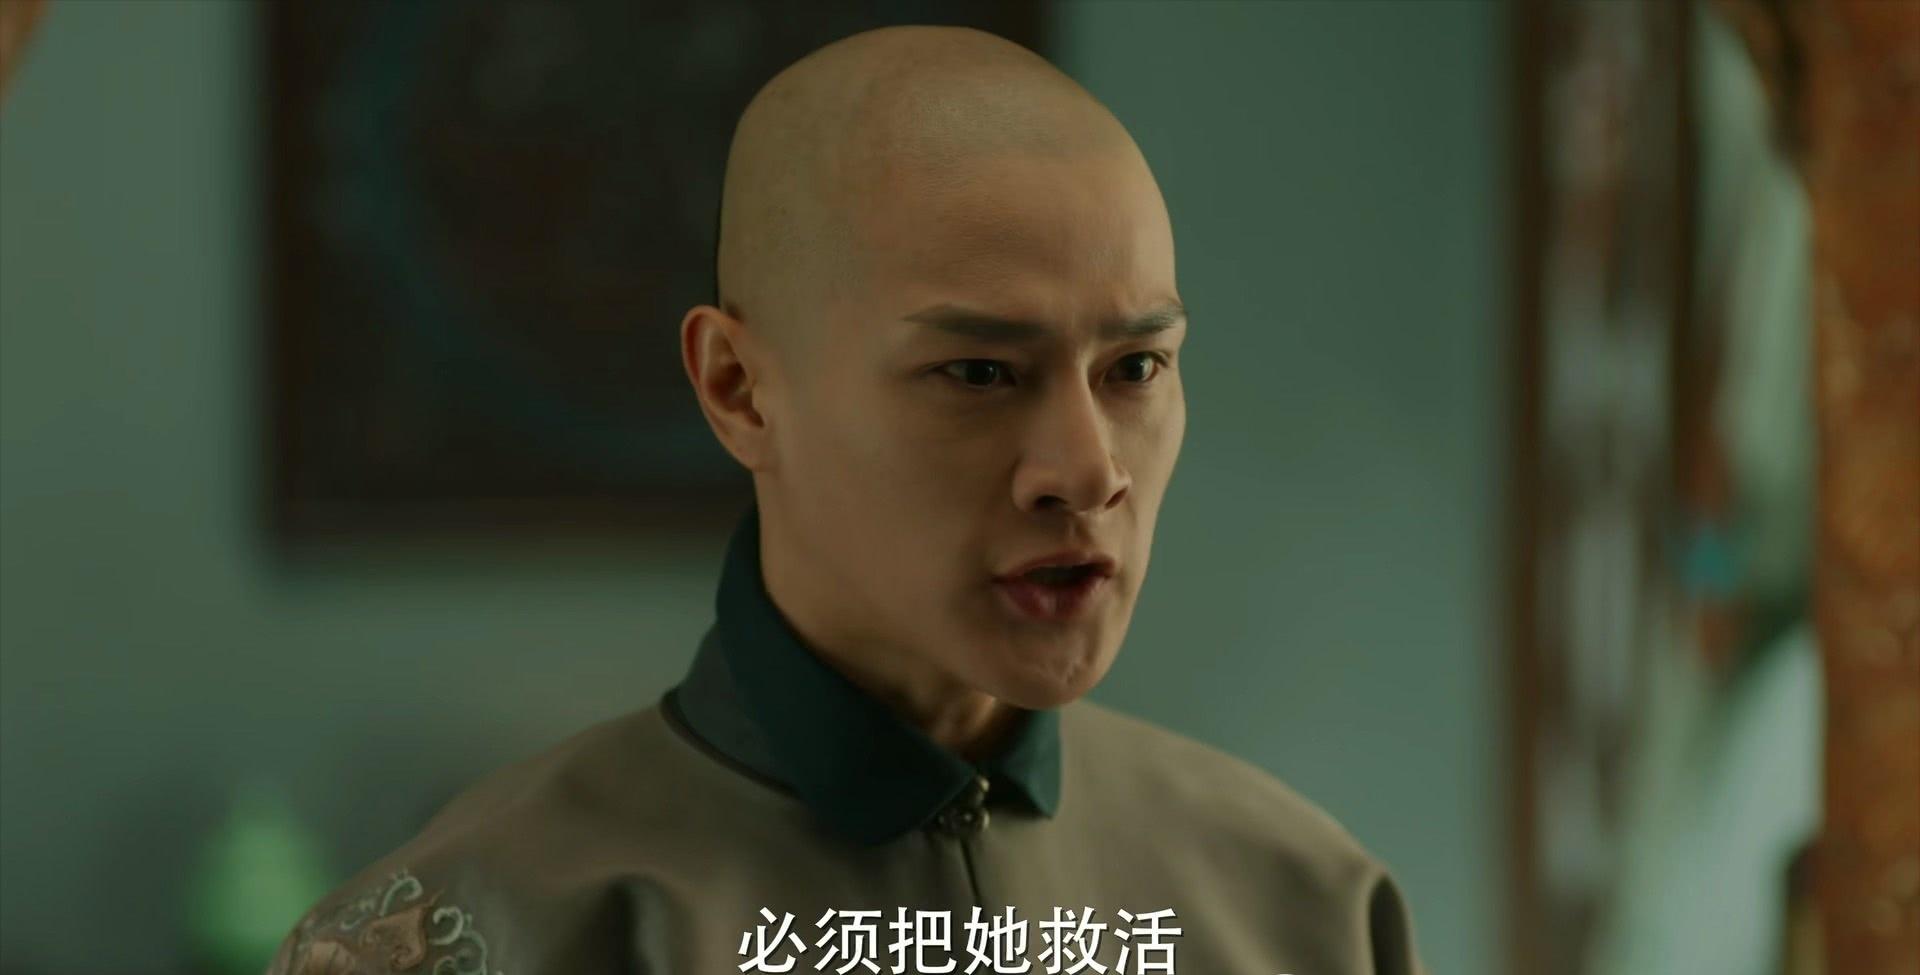 《梦回》四爷救下了茗薇,他隐瞒了所有人,想让茗薇成为他的女人